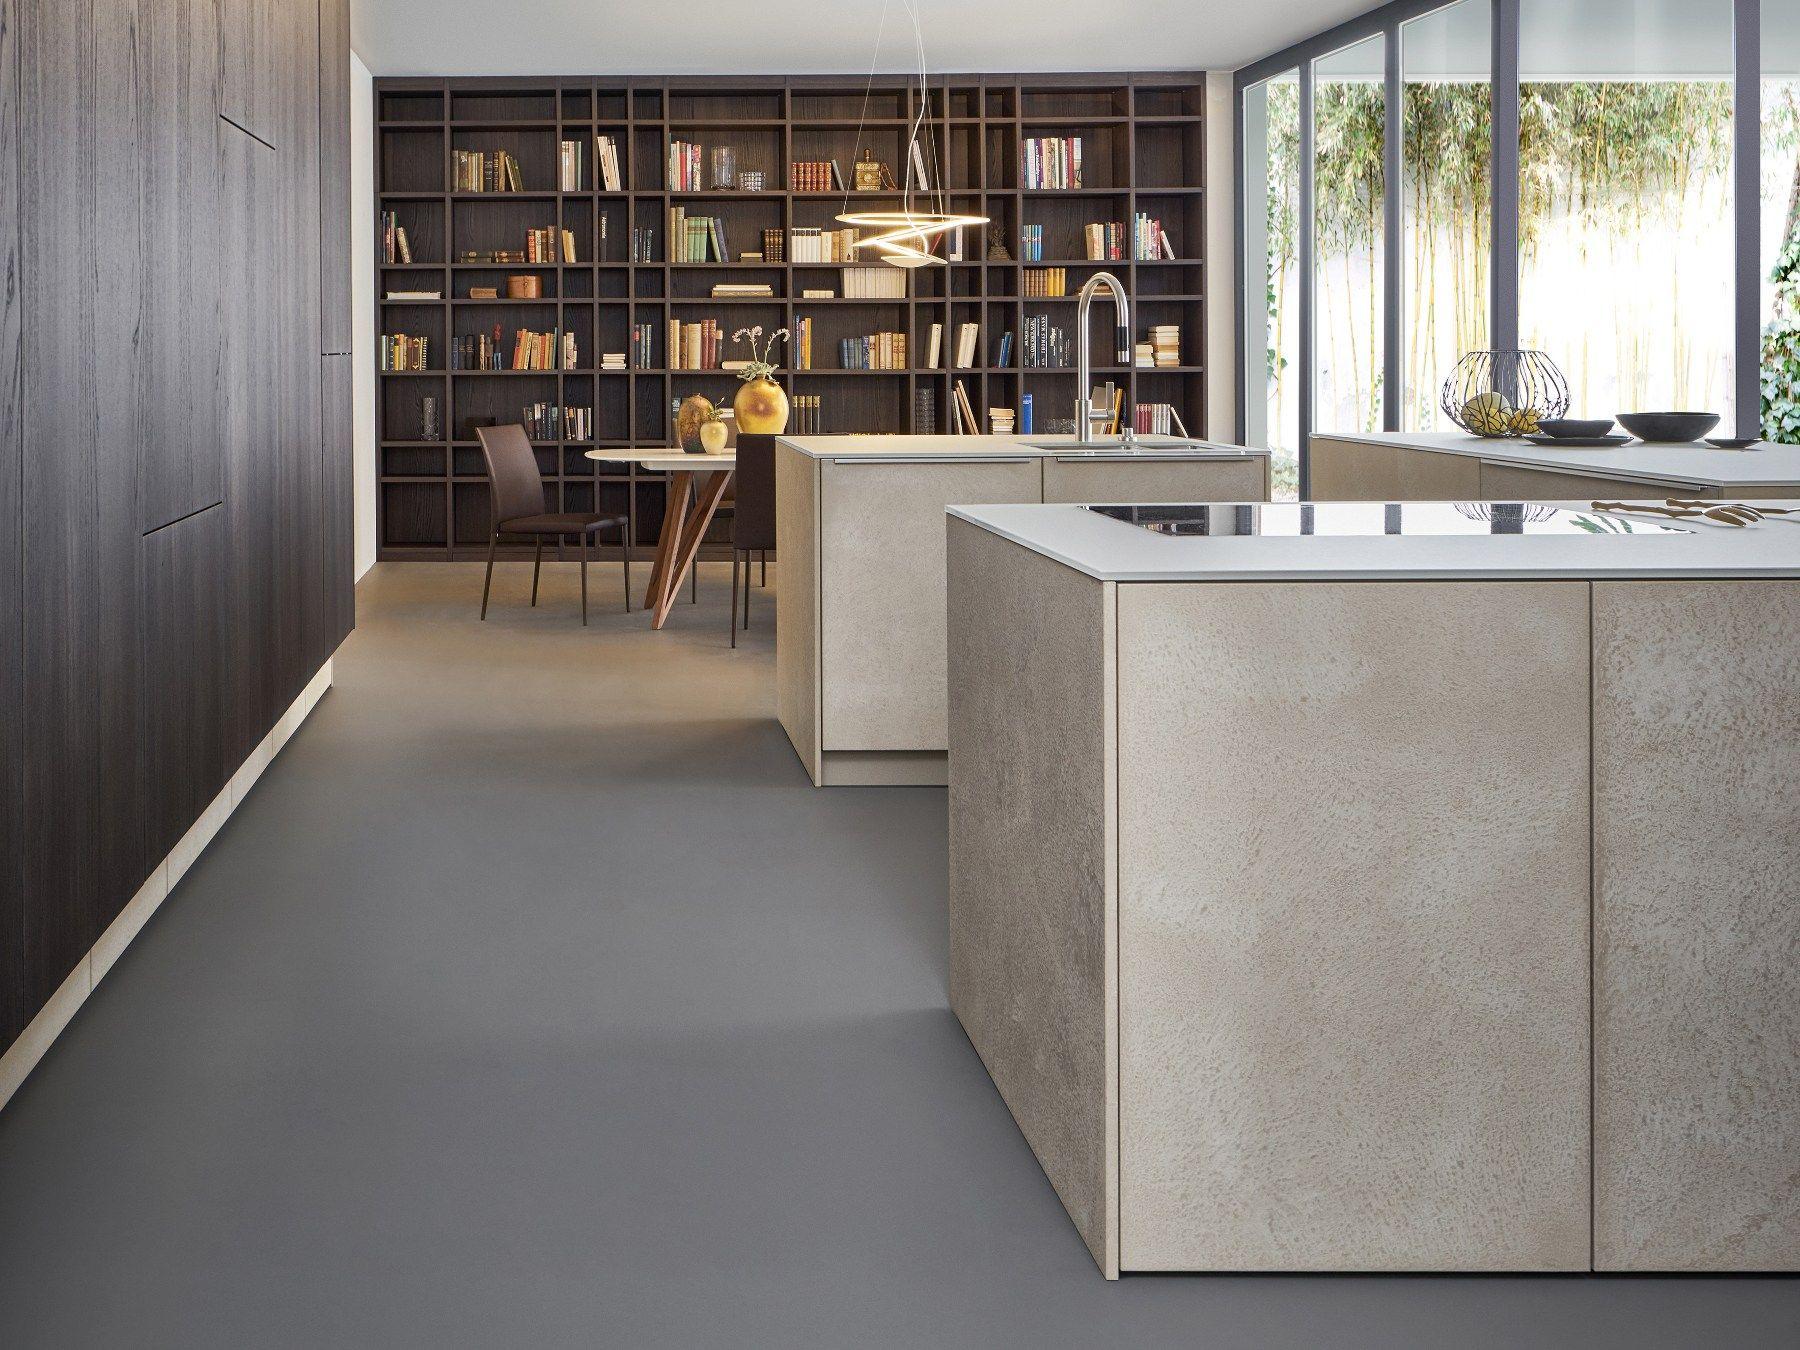 Küche Mit Kücheninsel Topos | Stoneleicht